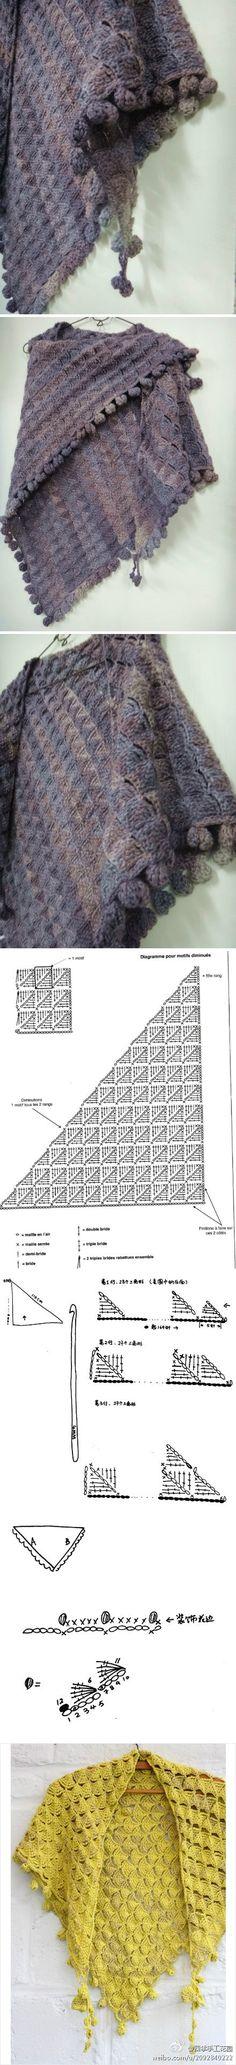 Crochet Shawl chart / pattern